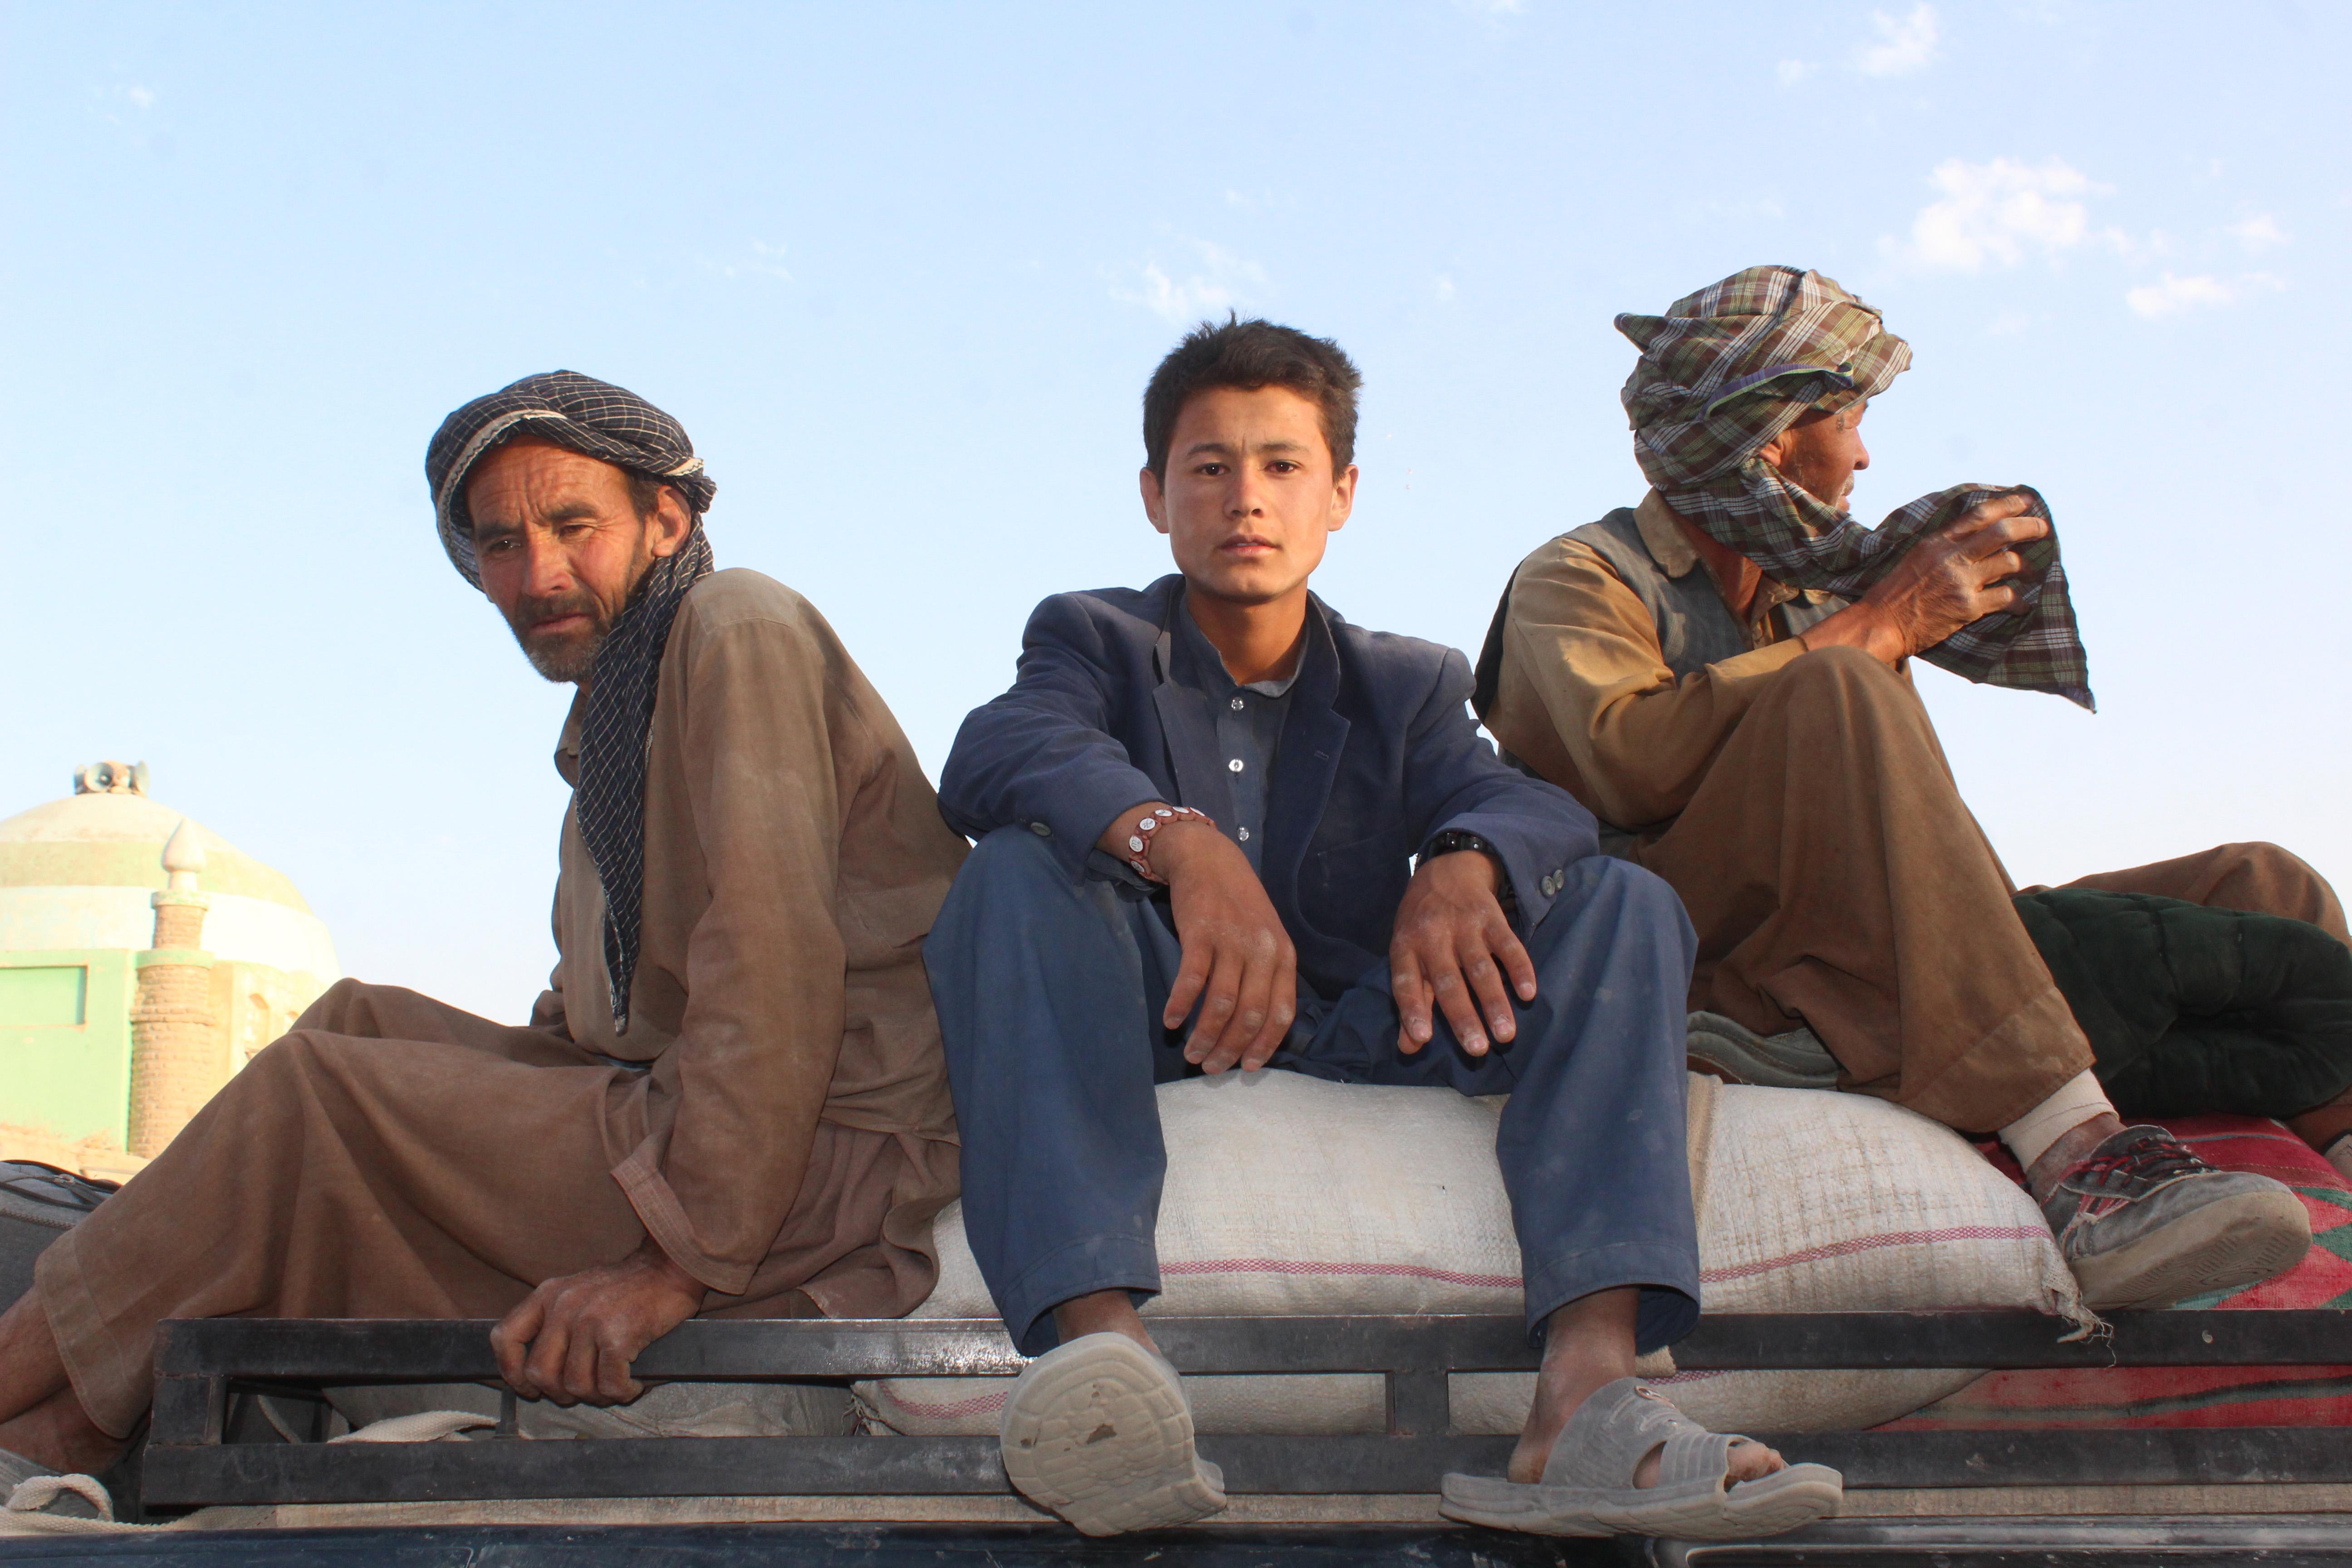 گروگان های آزاد شده ترس و وحشتی را که در حمام خون ایجاد شده توسط طالبان و داعش در میرزاولنگ مشاهده کردند بازگو می کنند